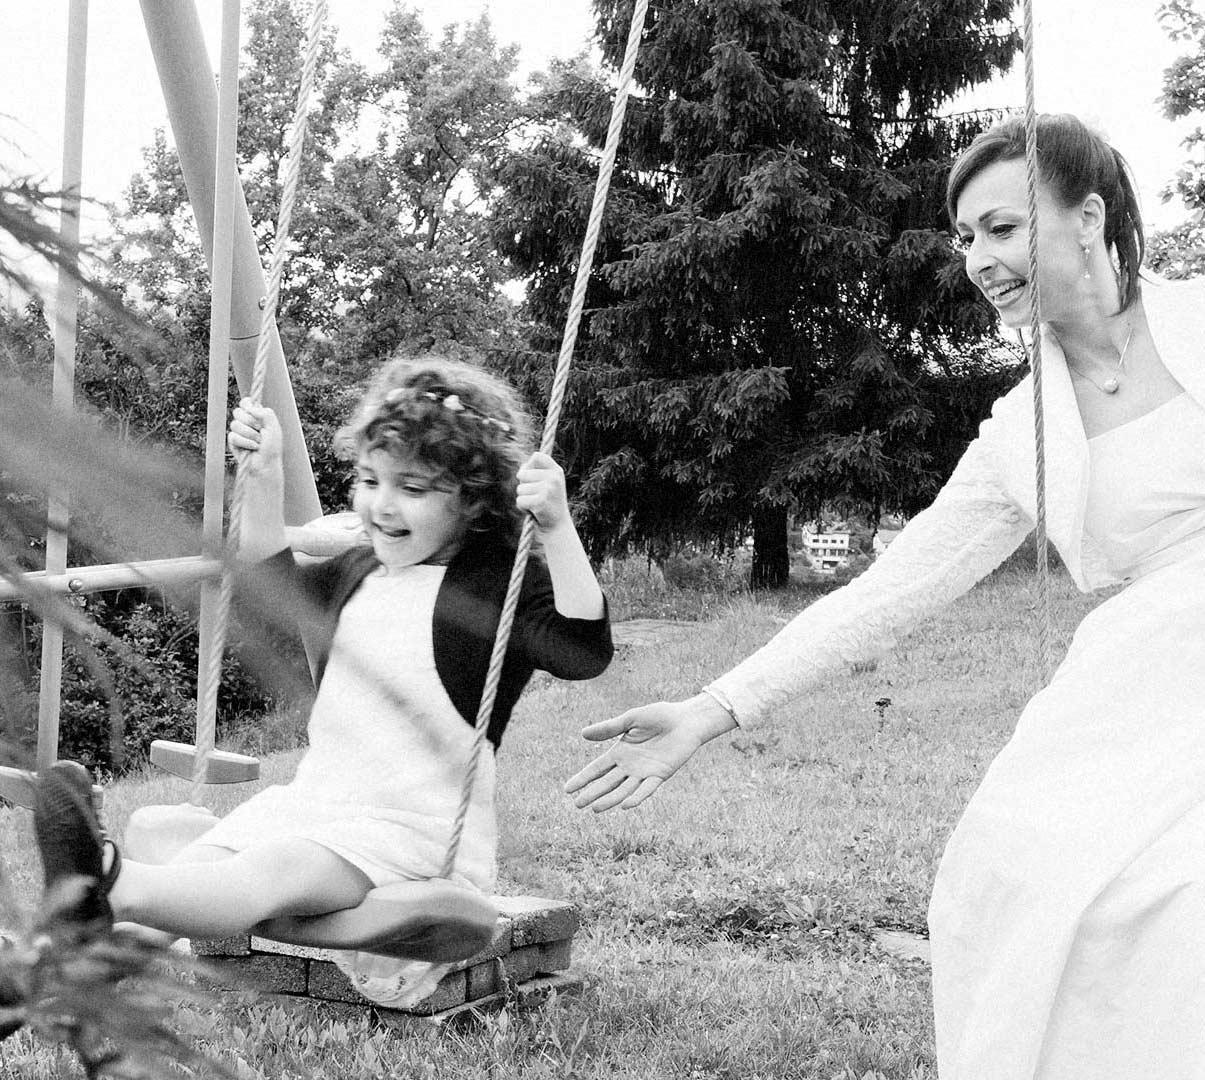 La sposa gioca con la sua bambina sull'altalena prima del matrimonio